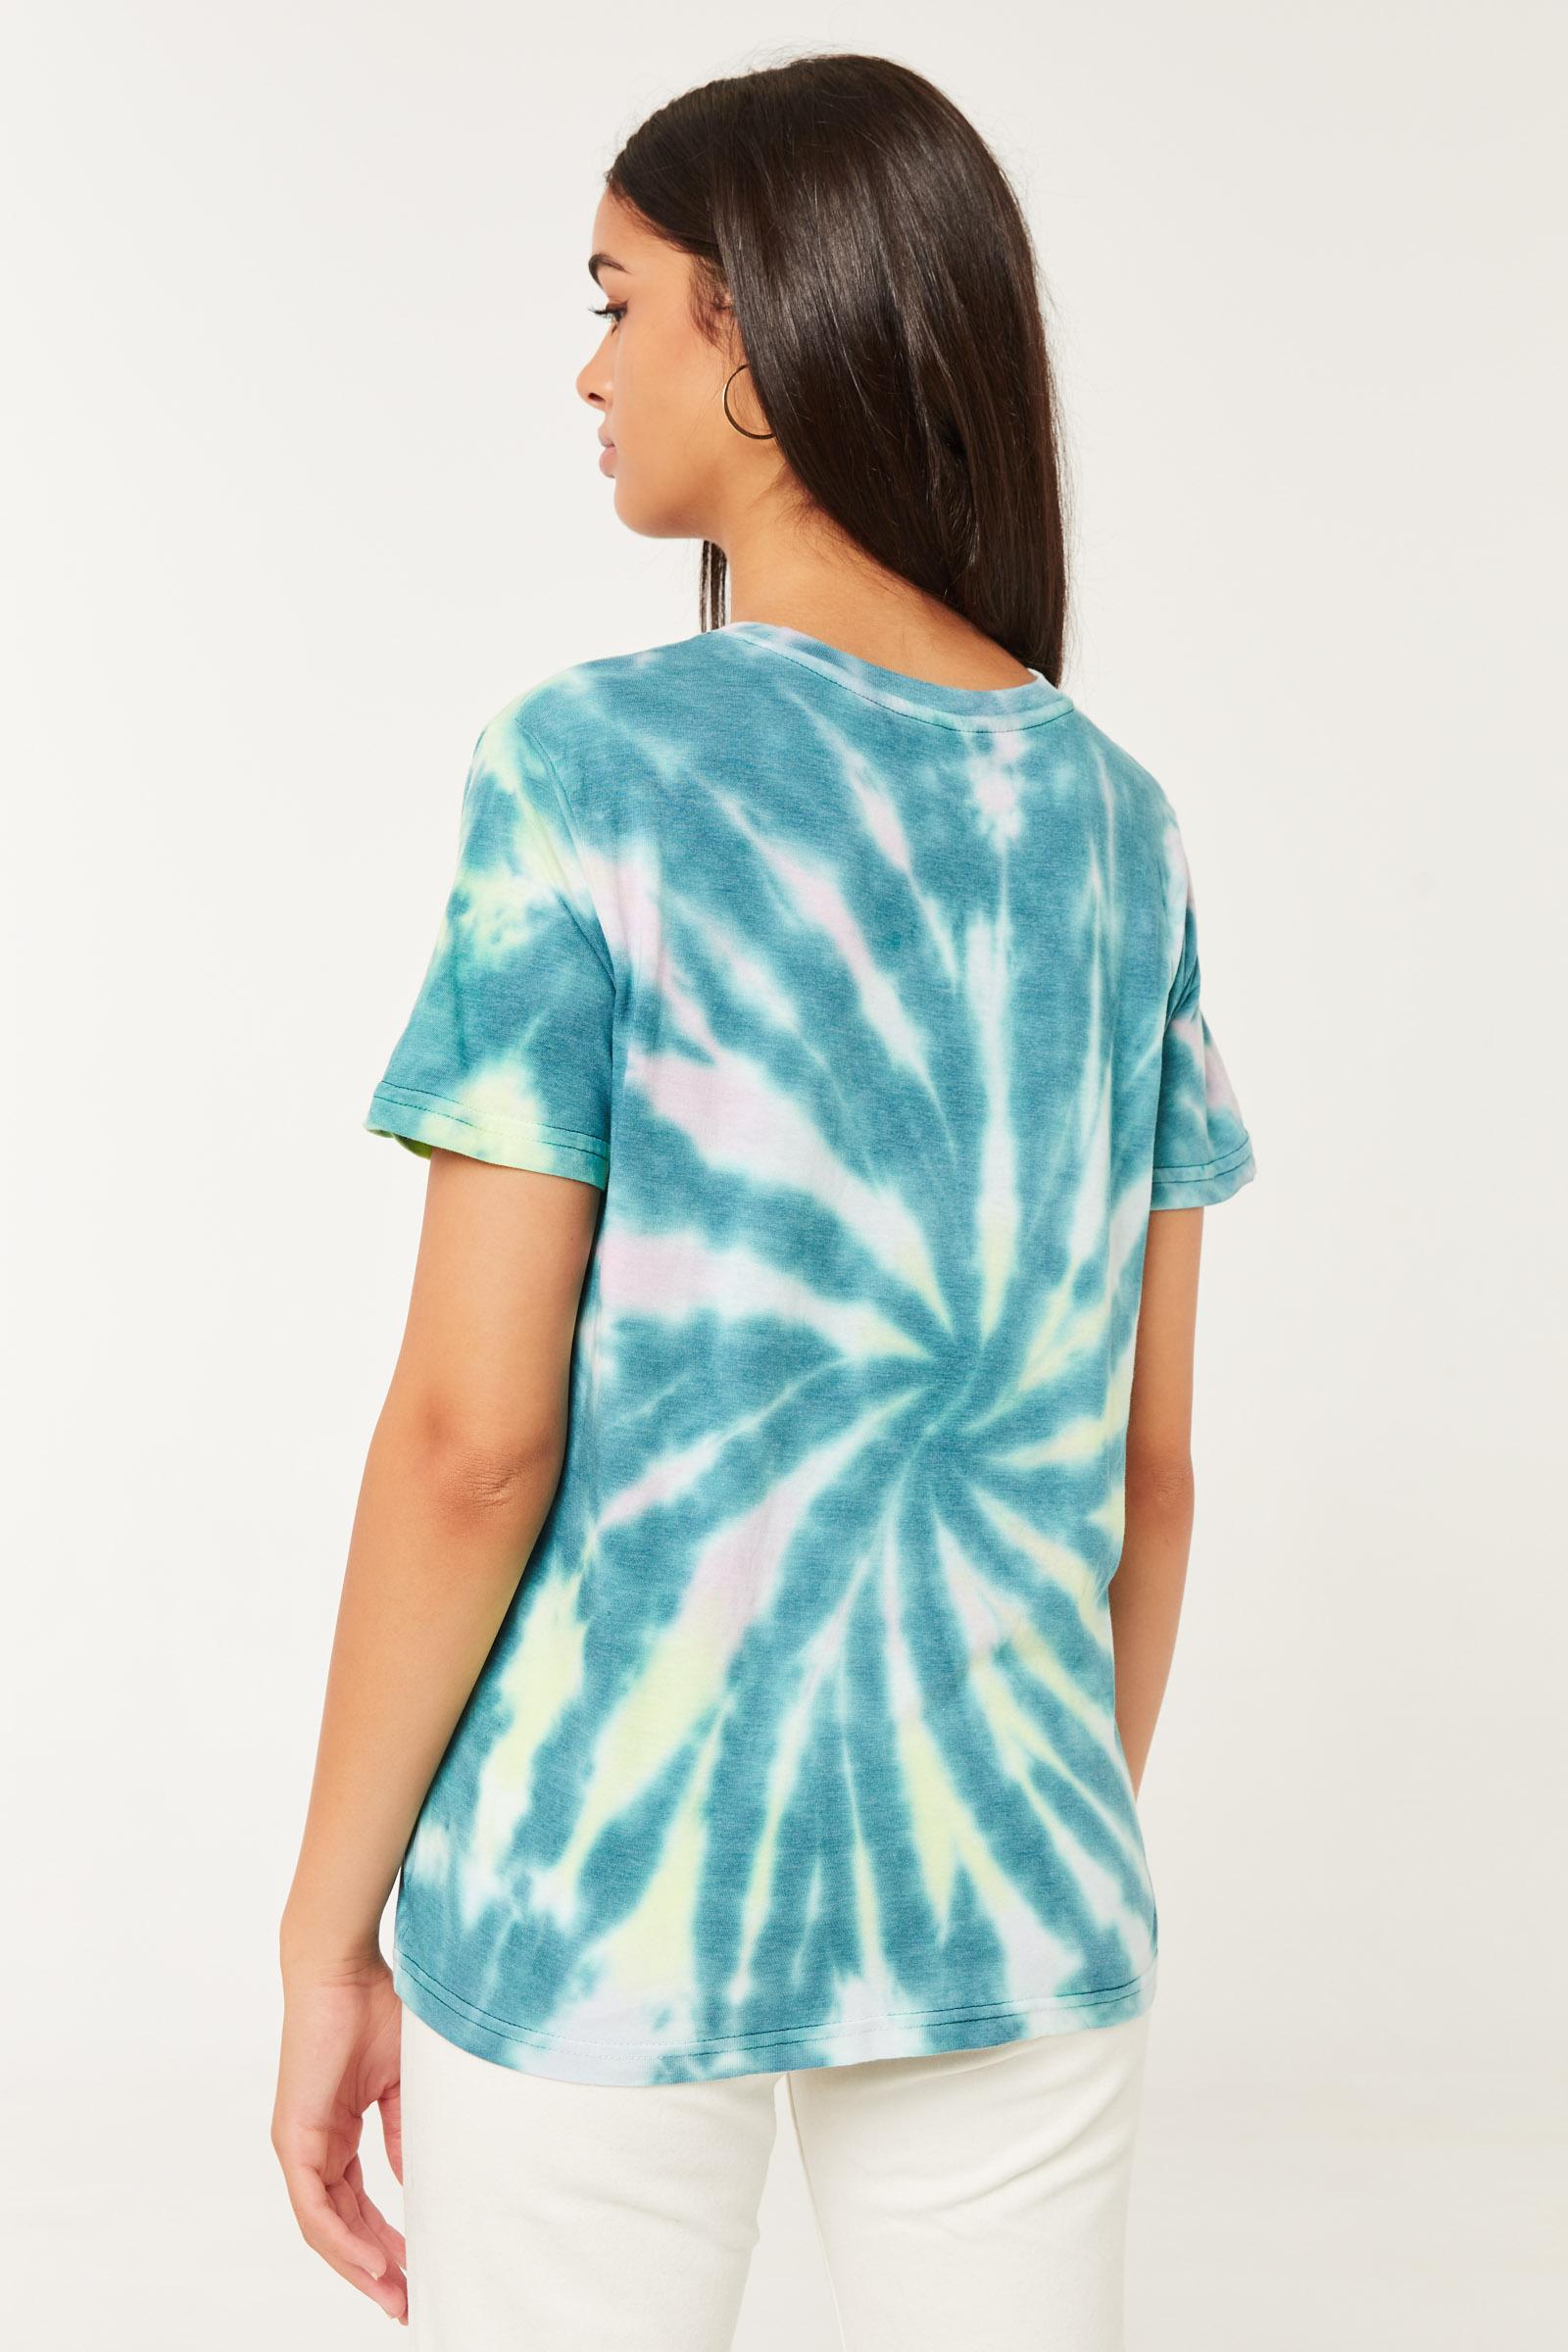 T-shirt tie-dye Rolling Stones